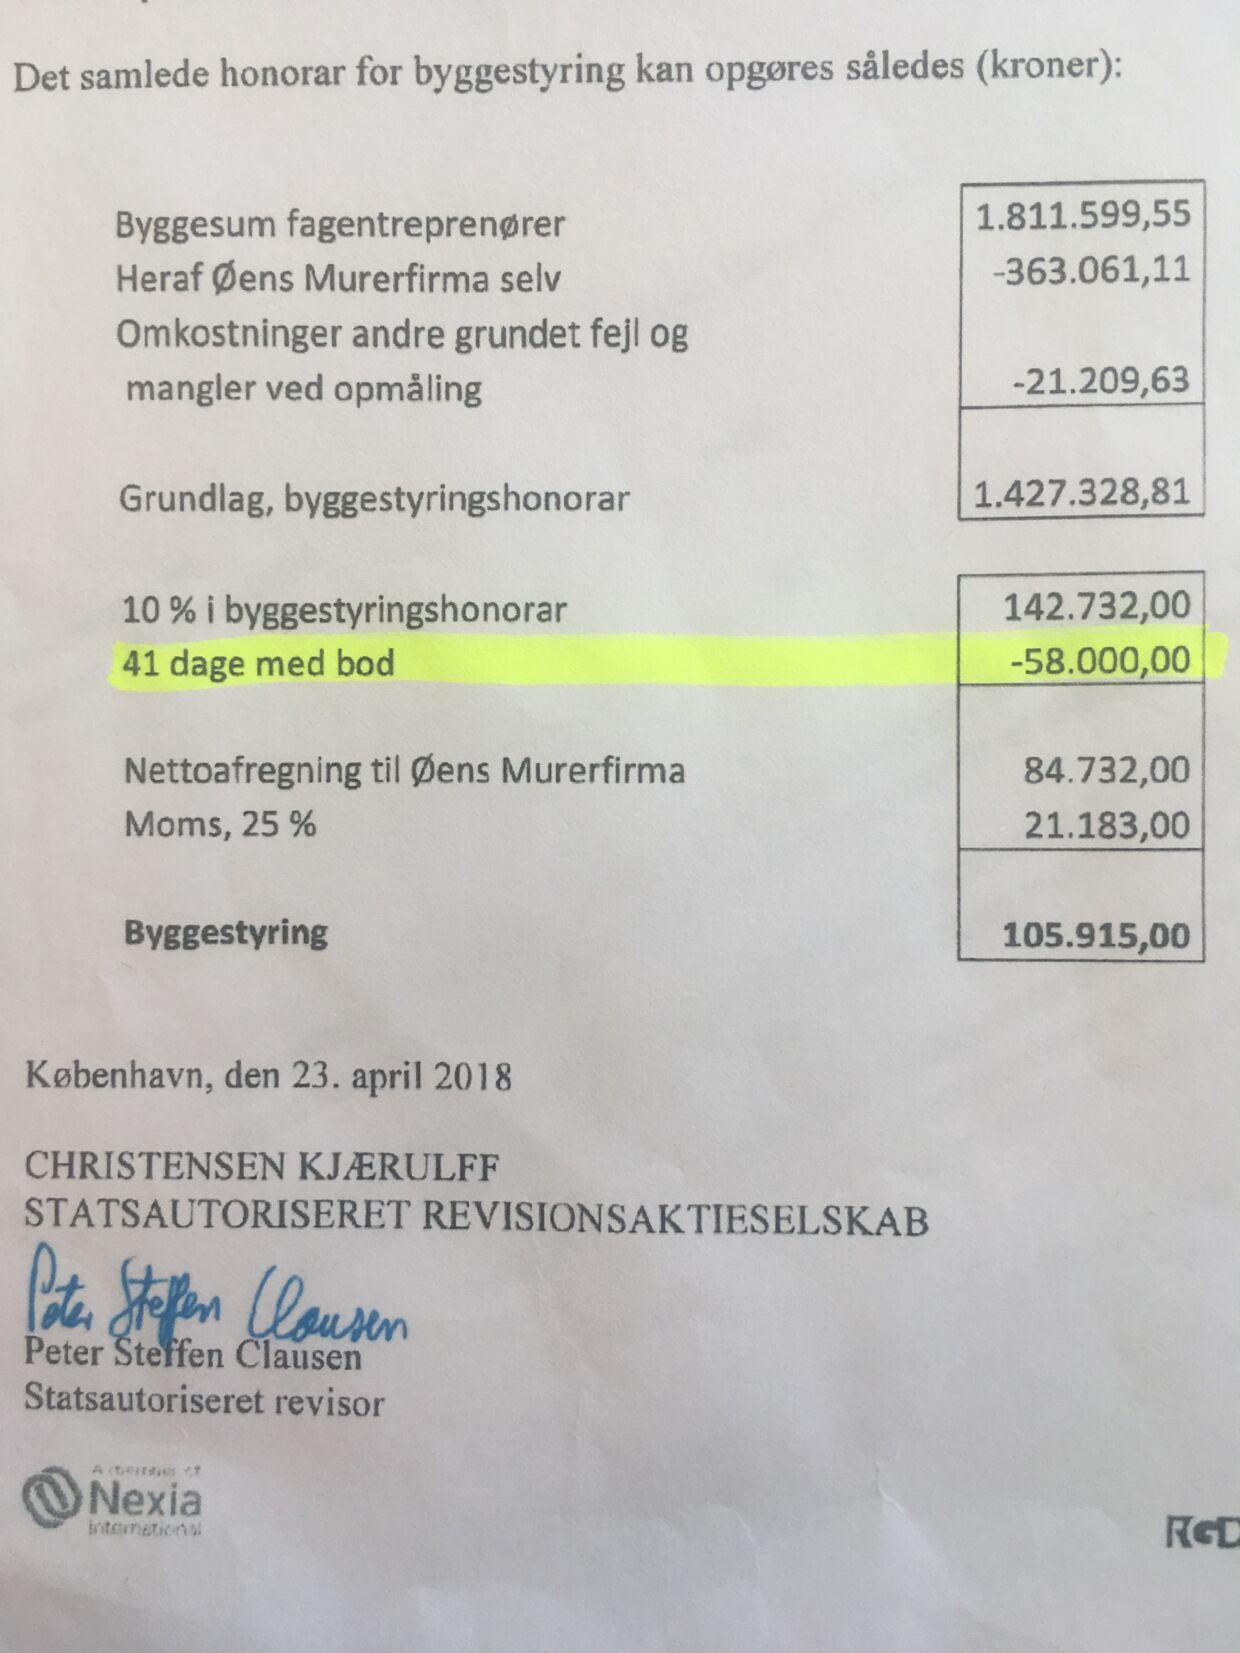 Anna Mee Allerslevs advokat har afleveret dette revisionsnotat over byggesagen til brug for undersøgelsen af Øens Murerfirmas rolle ved renoveringen af hendes lejlighed. BT har fået undersøgelsen via aktindsigt.